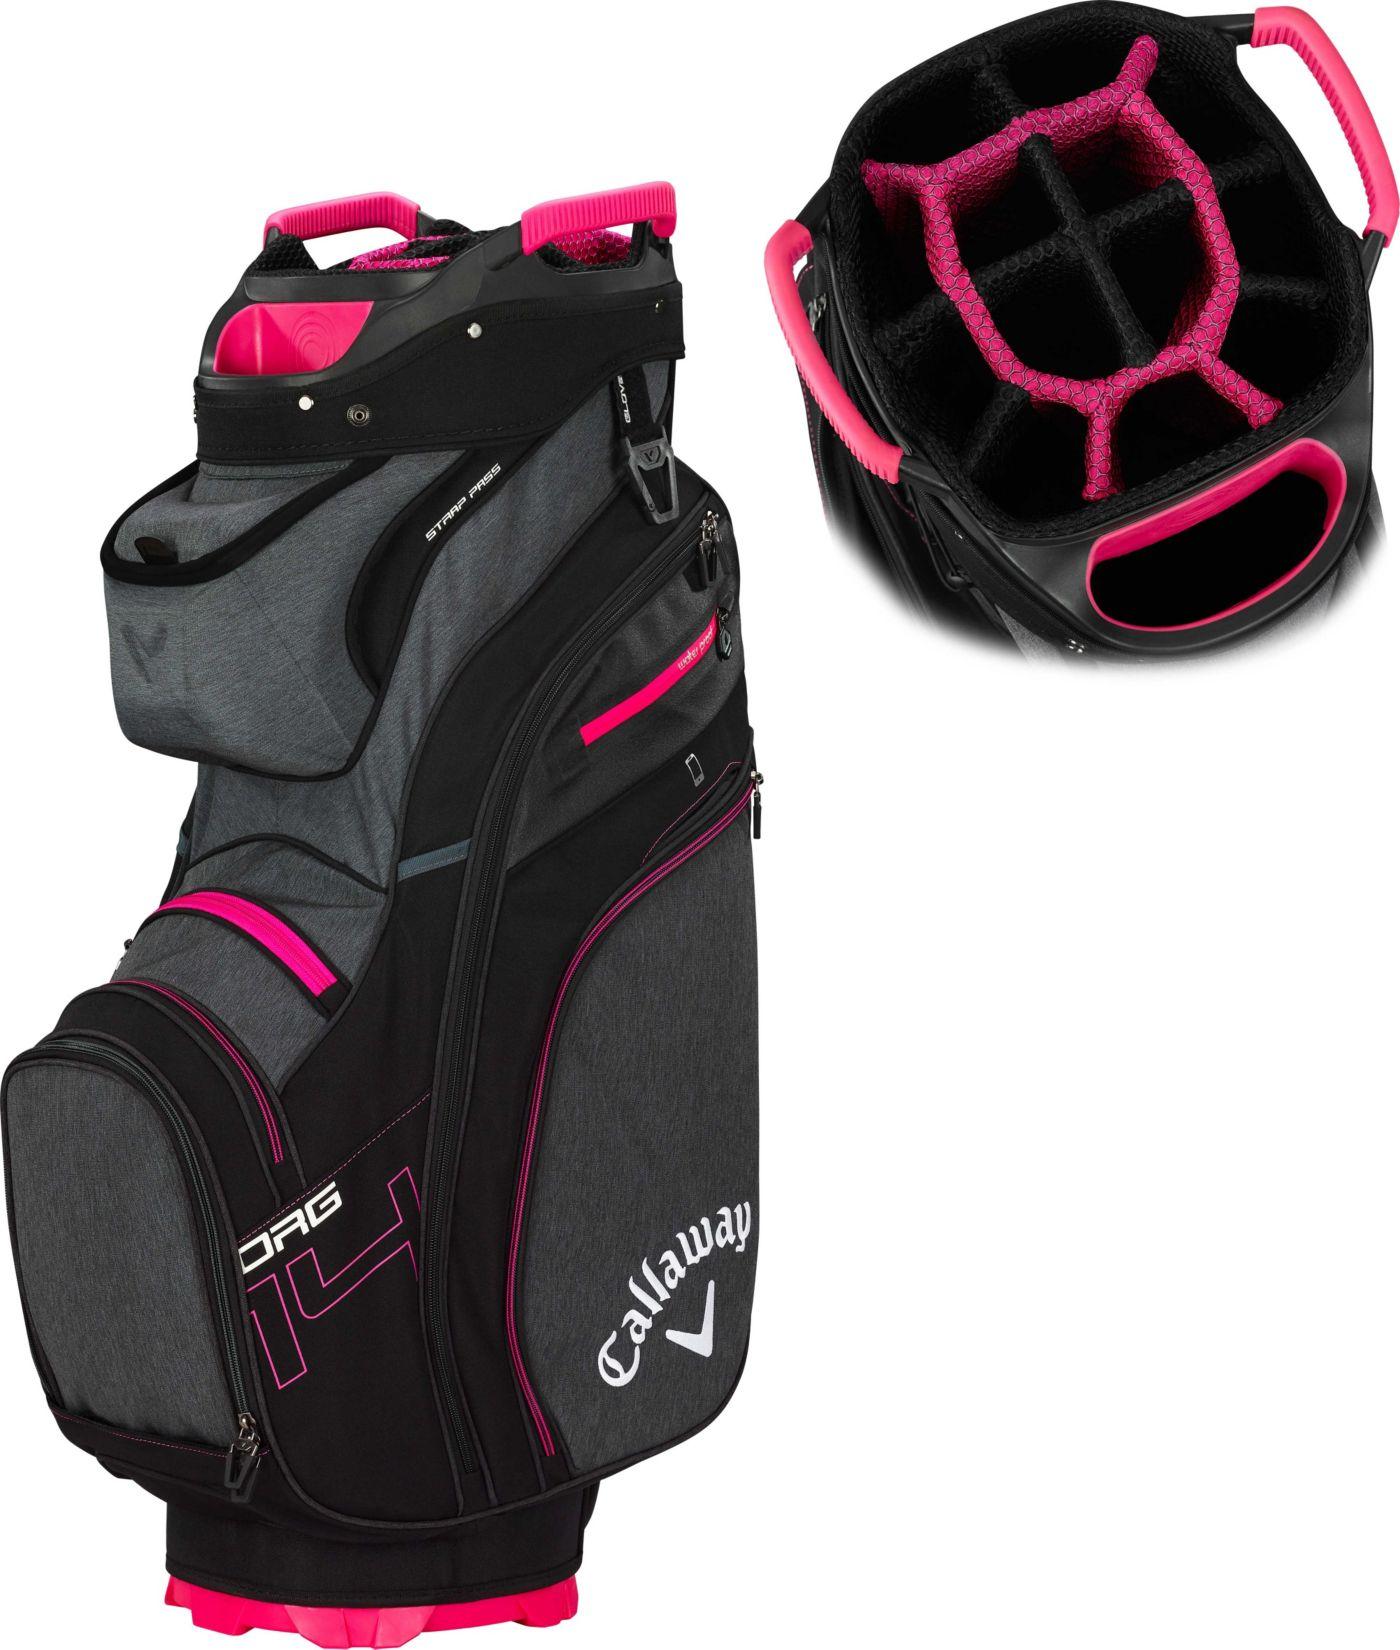 Callaway Women's 2019 Org 14 Cart Golf Bag